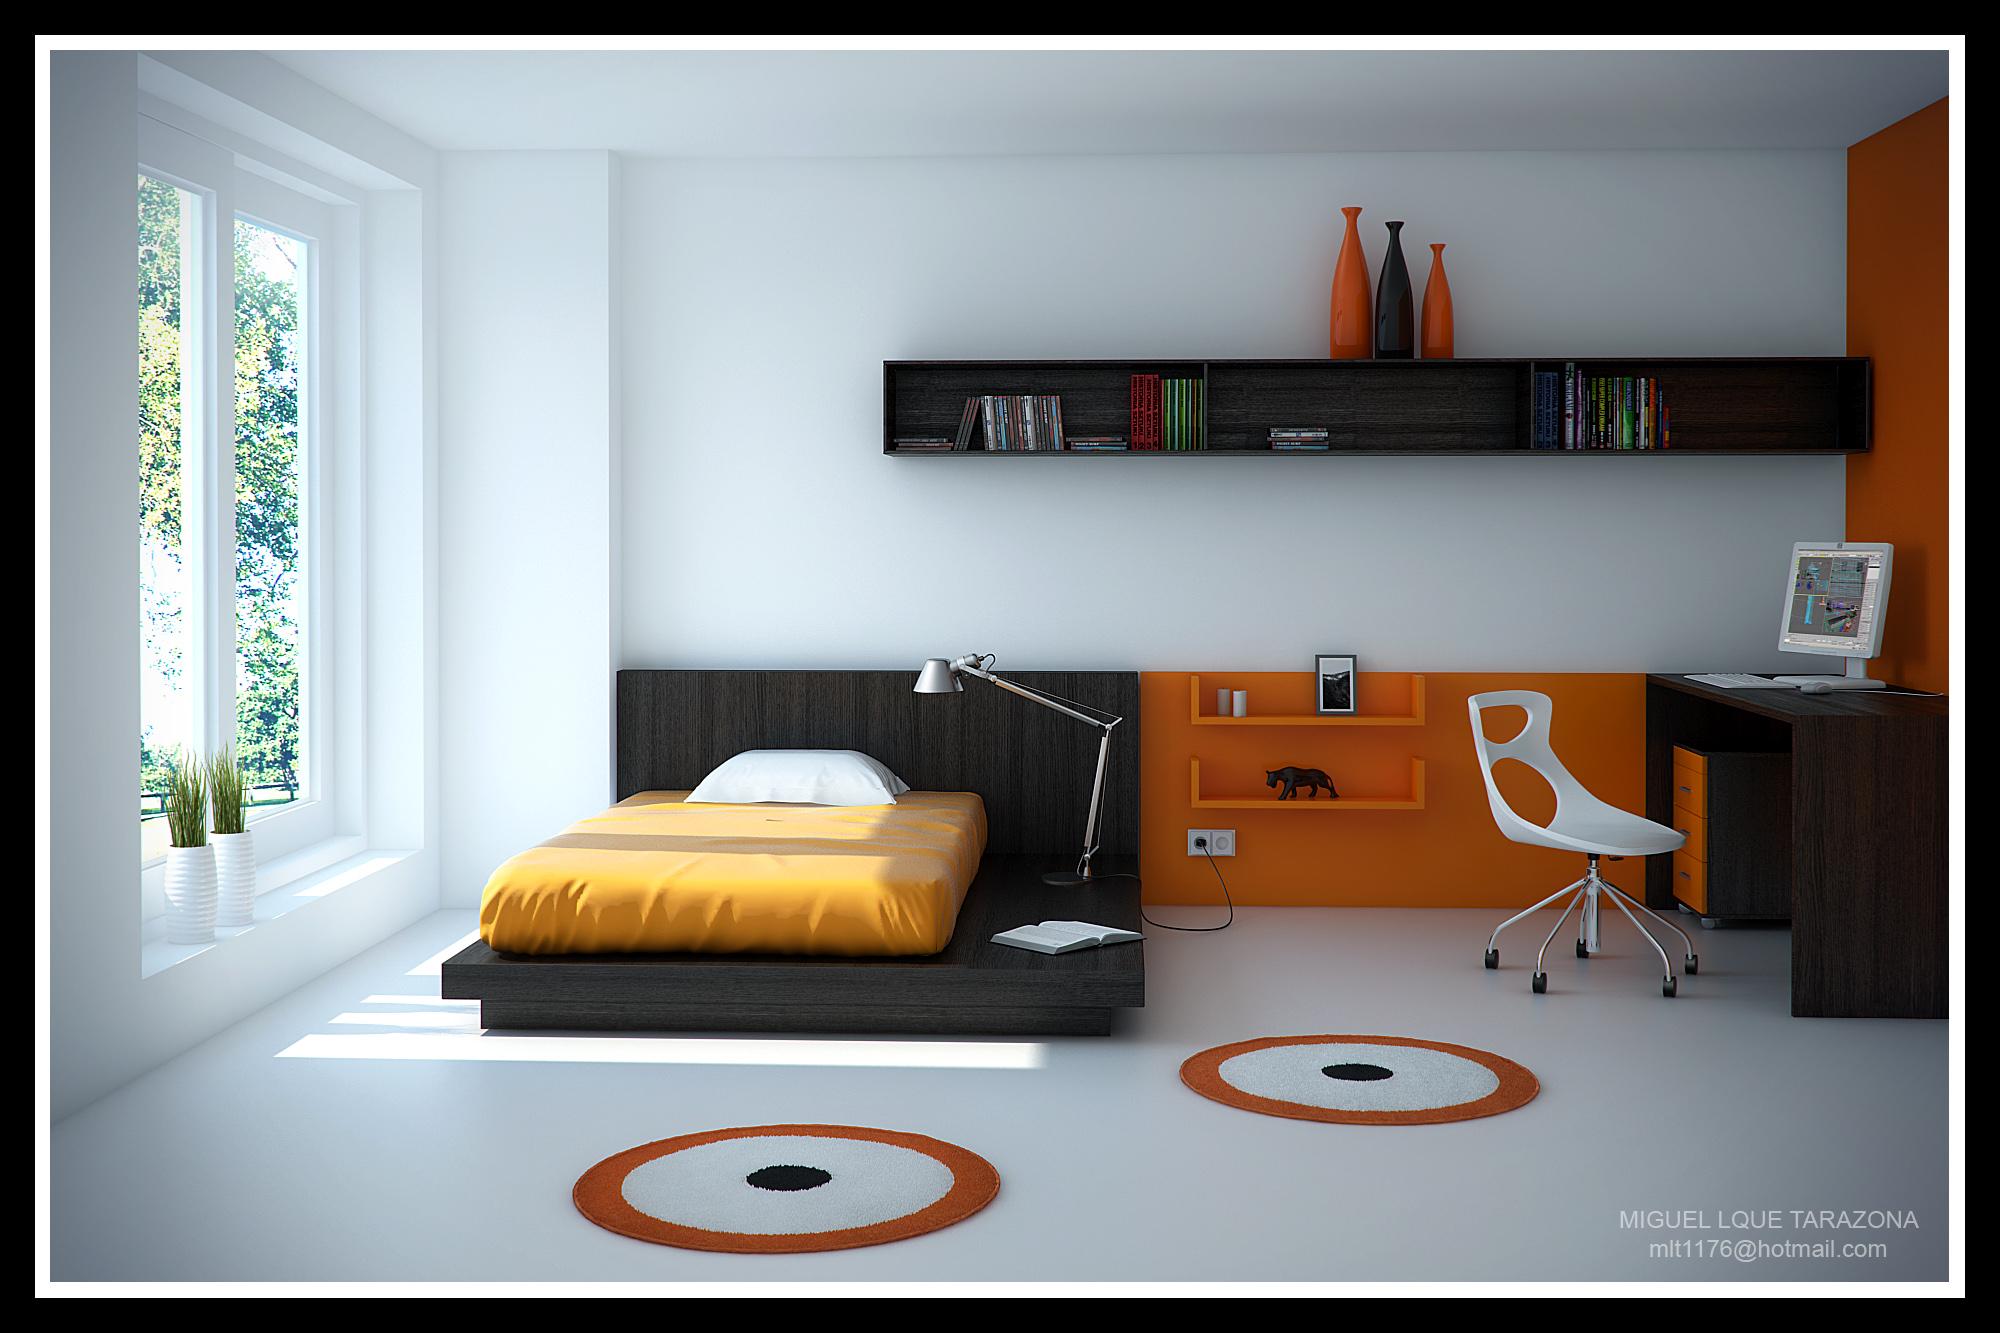 Dormitorios juveniles hombres - Dormitorios juveniles chicos ...